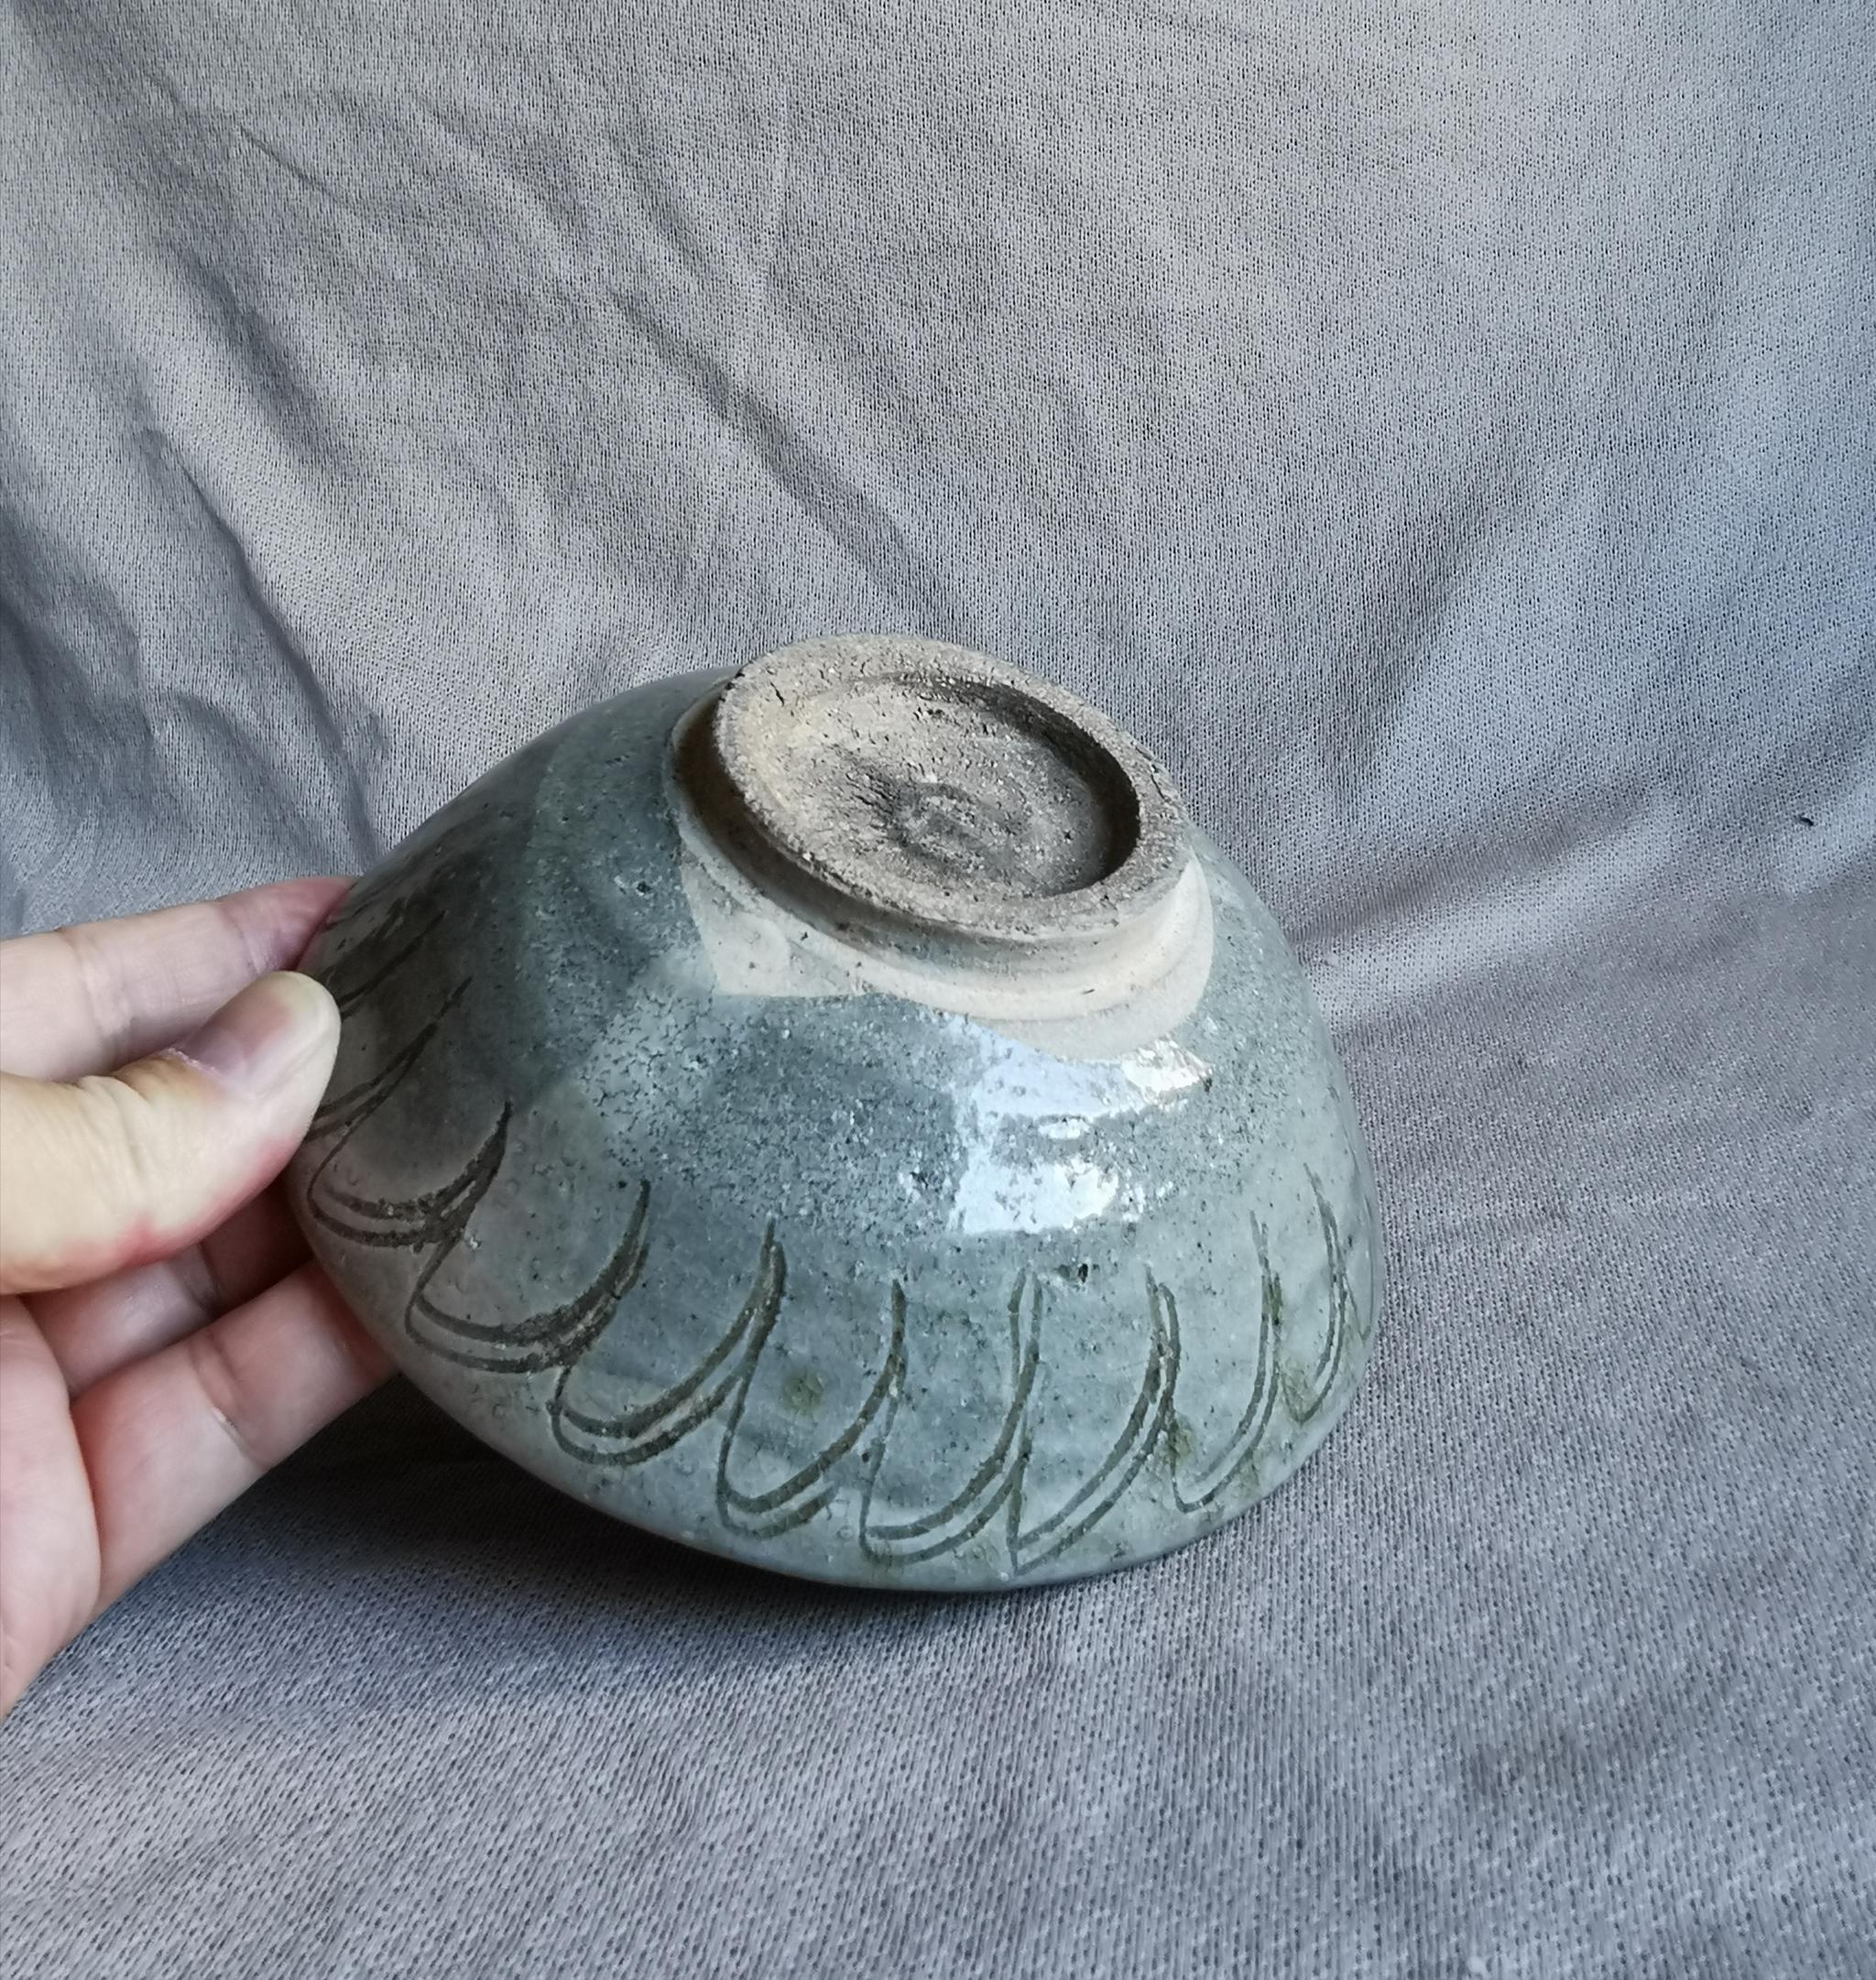 宋元时期青釉莲花纹碗